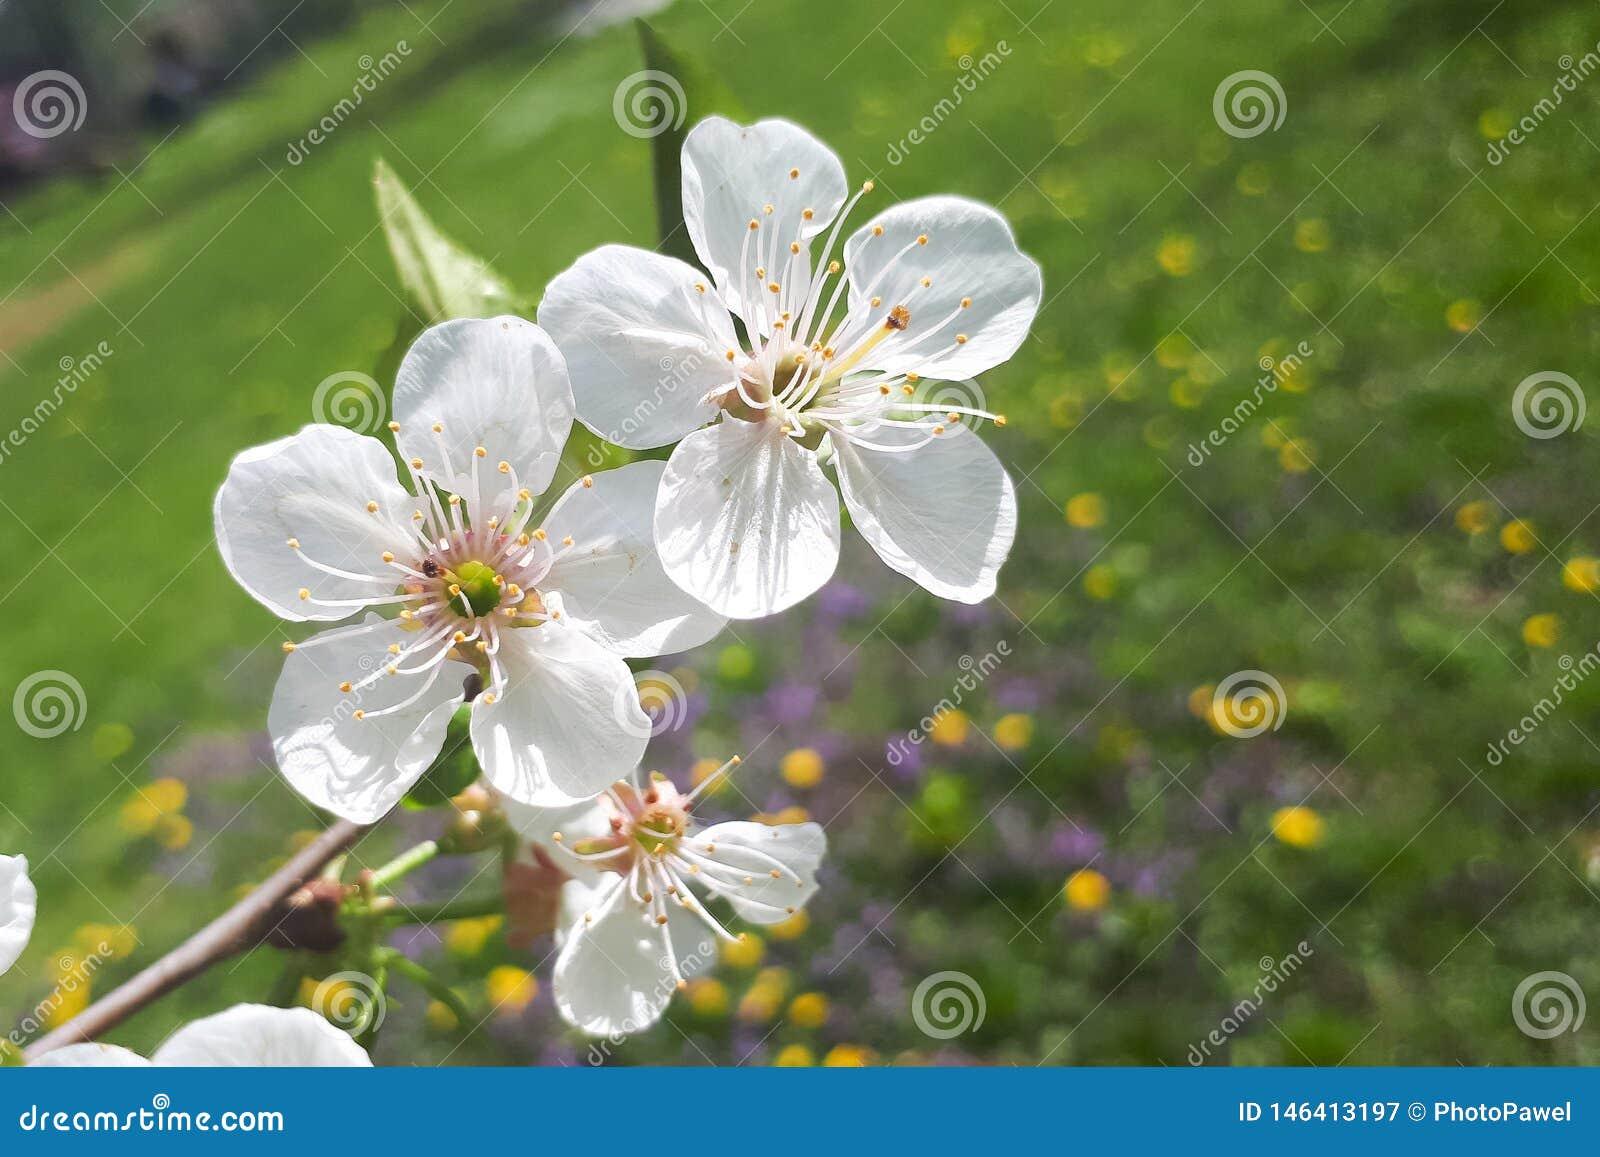 Pequeñas flores hermosas frescas blancas en la rama de un cerezo